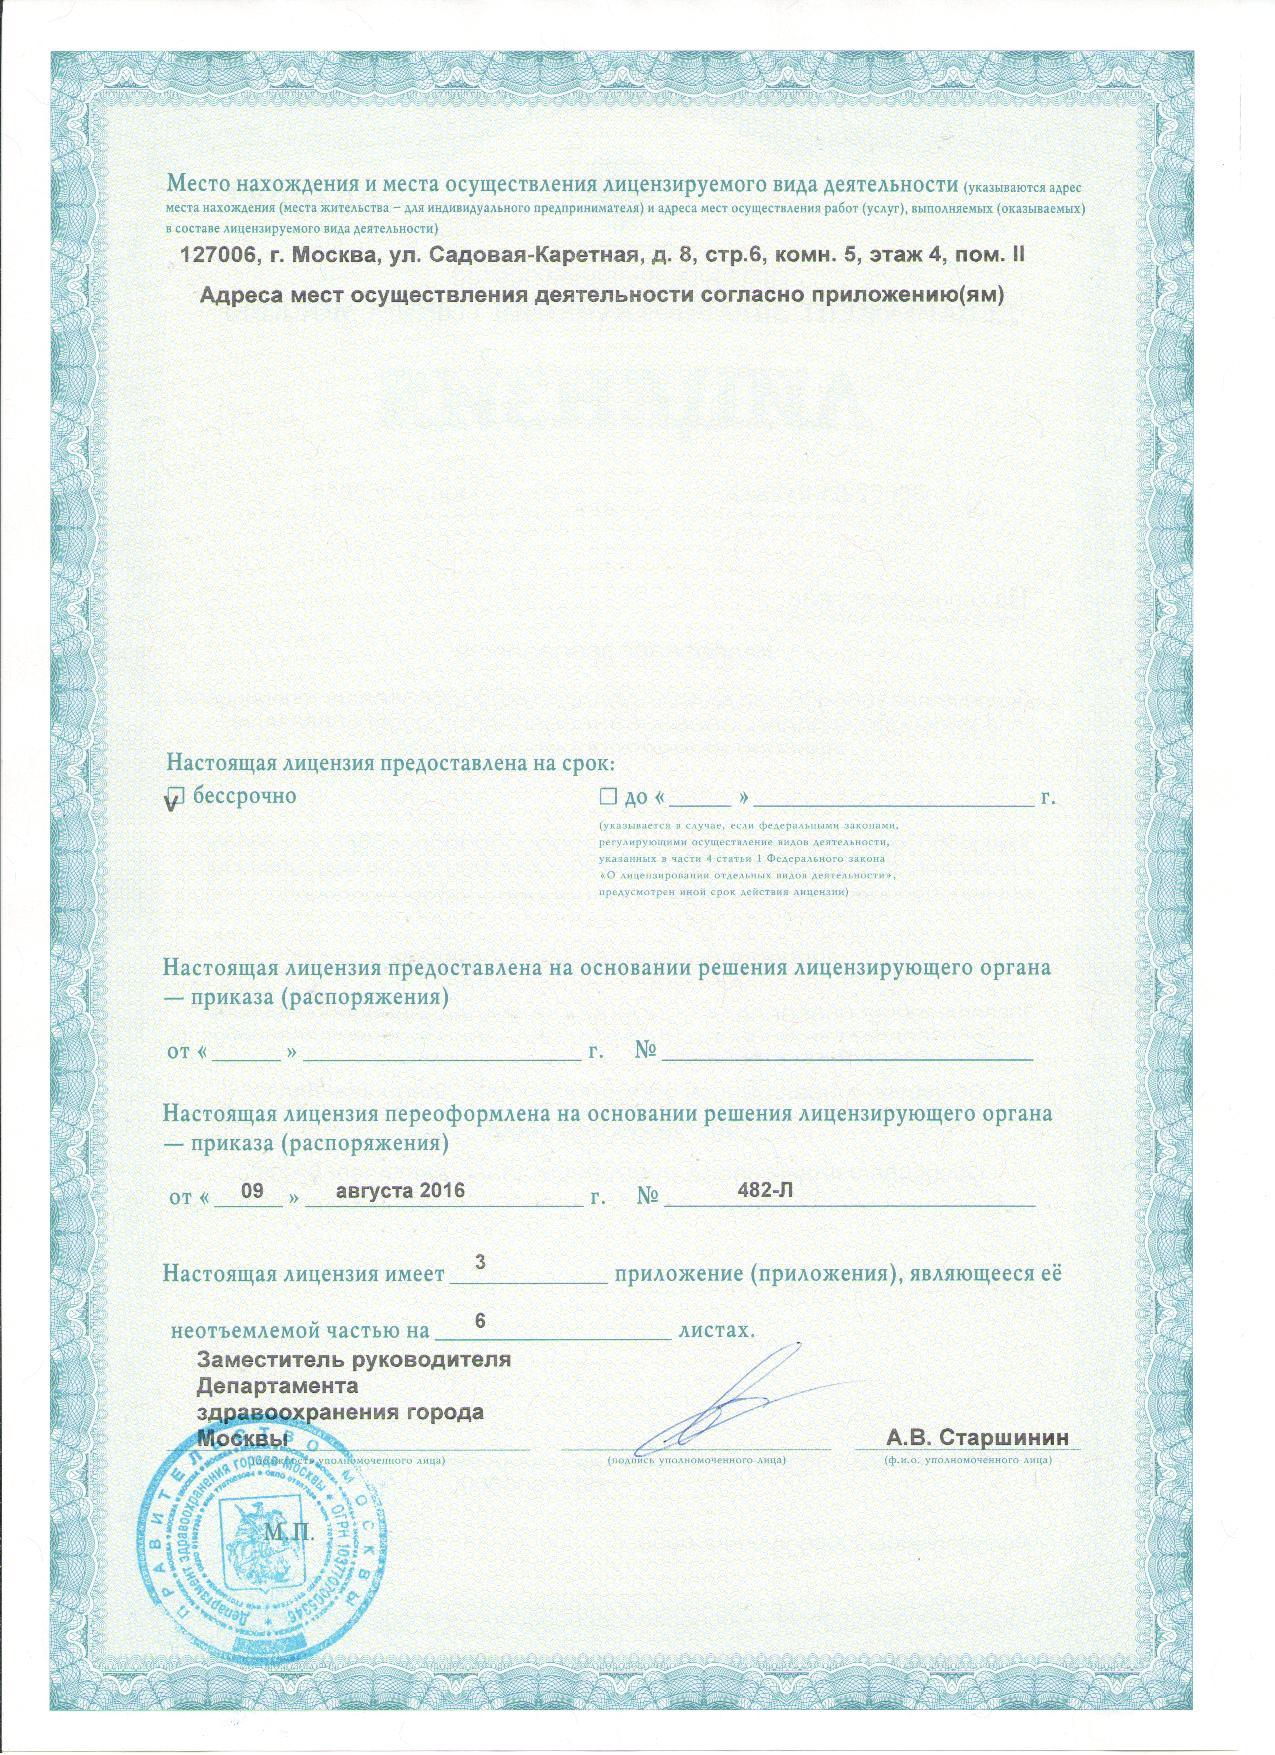 лицензия Лидер новая 001